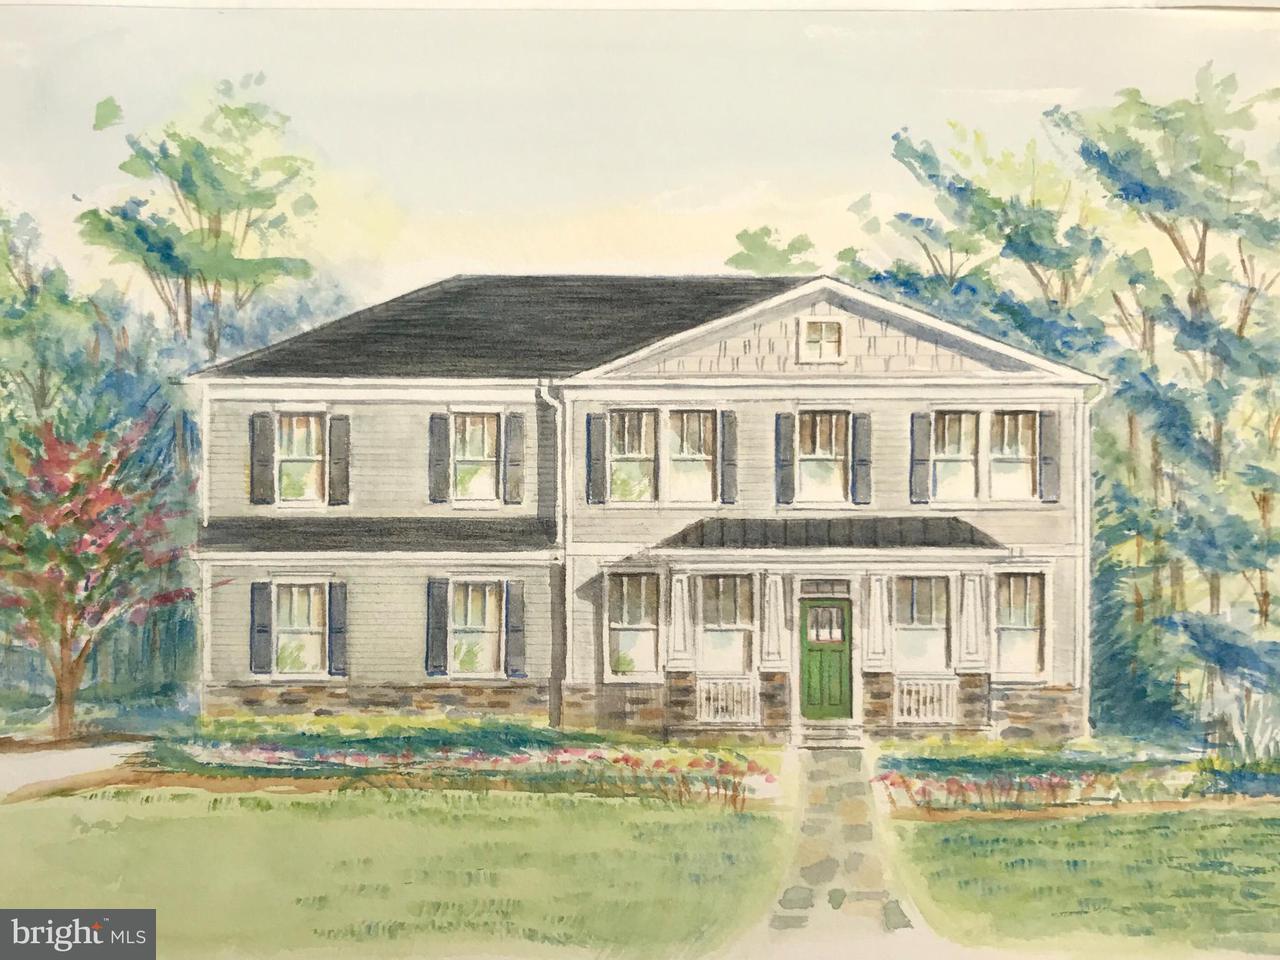 단독 가정 주택 용 매매 에 28 MASONIC VIEW W 28 MASONIC VIEW W Alexandria, 버지니아 22301 미국